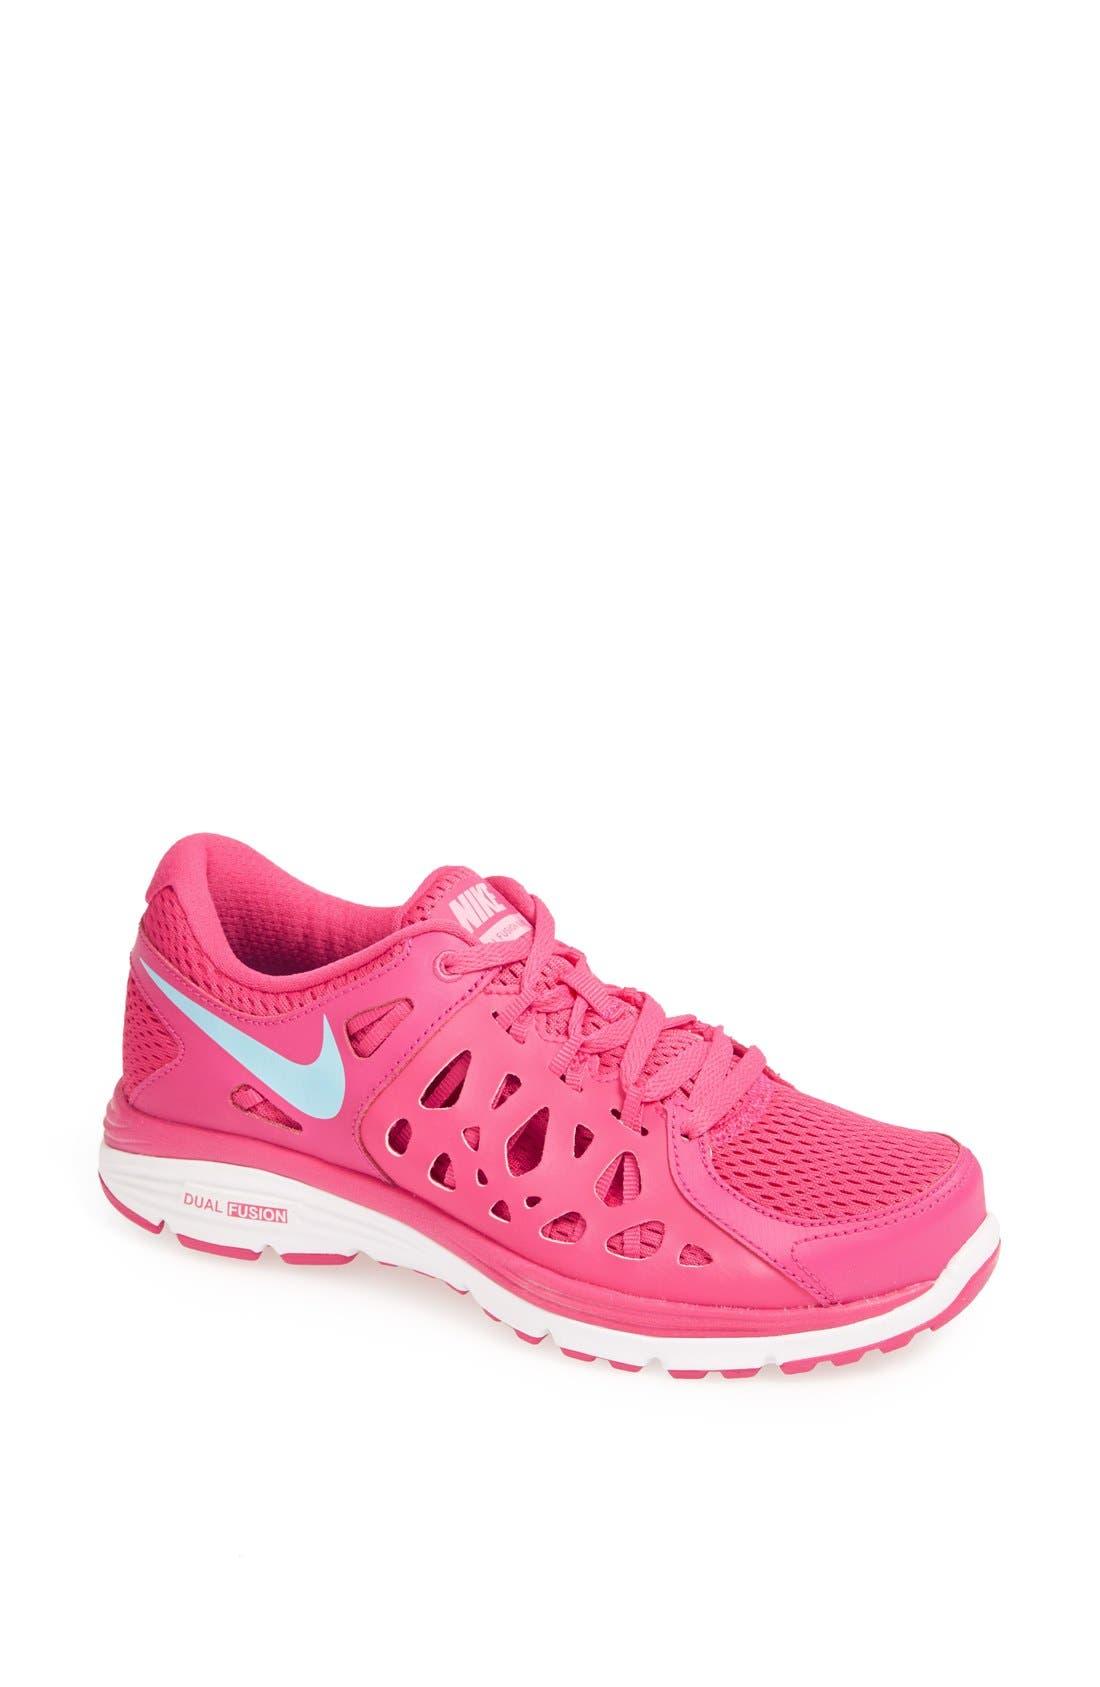 Main Image - Nike 'Dual Fusion 2.0' Running Shoe (Women)